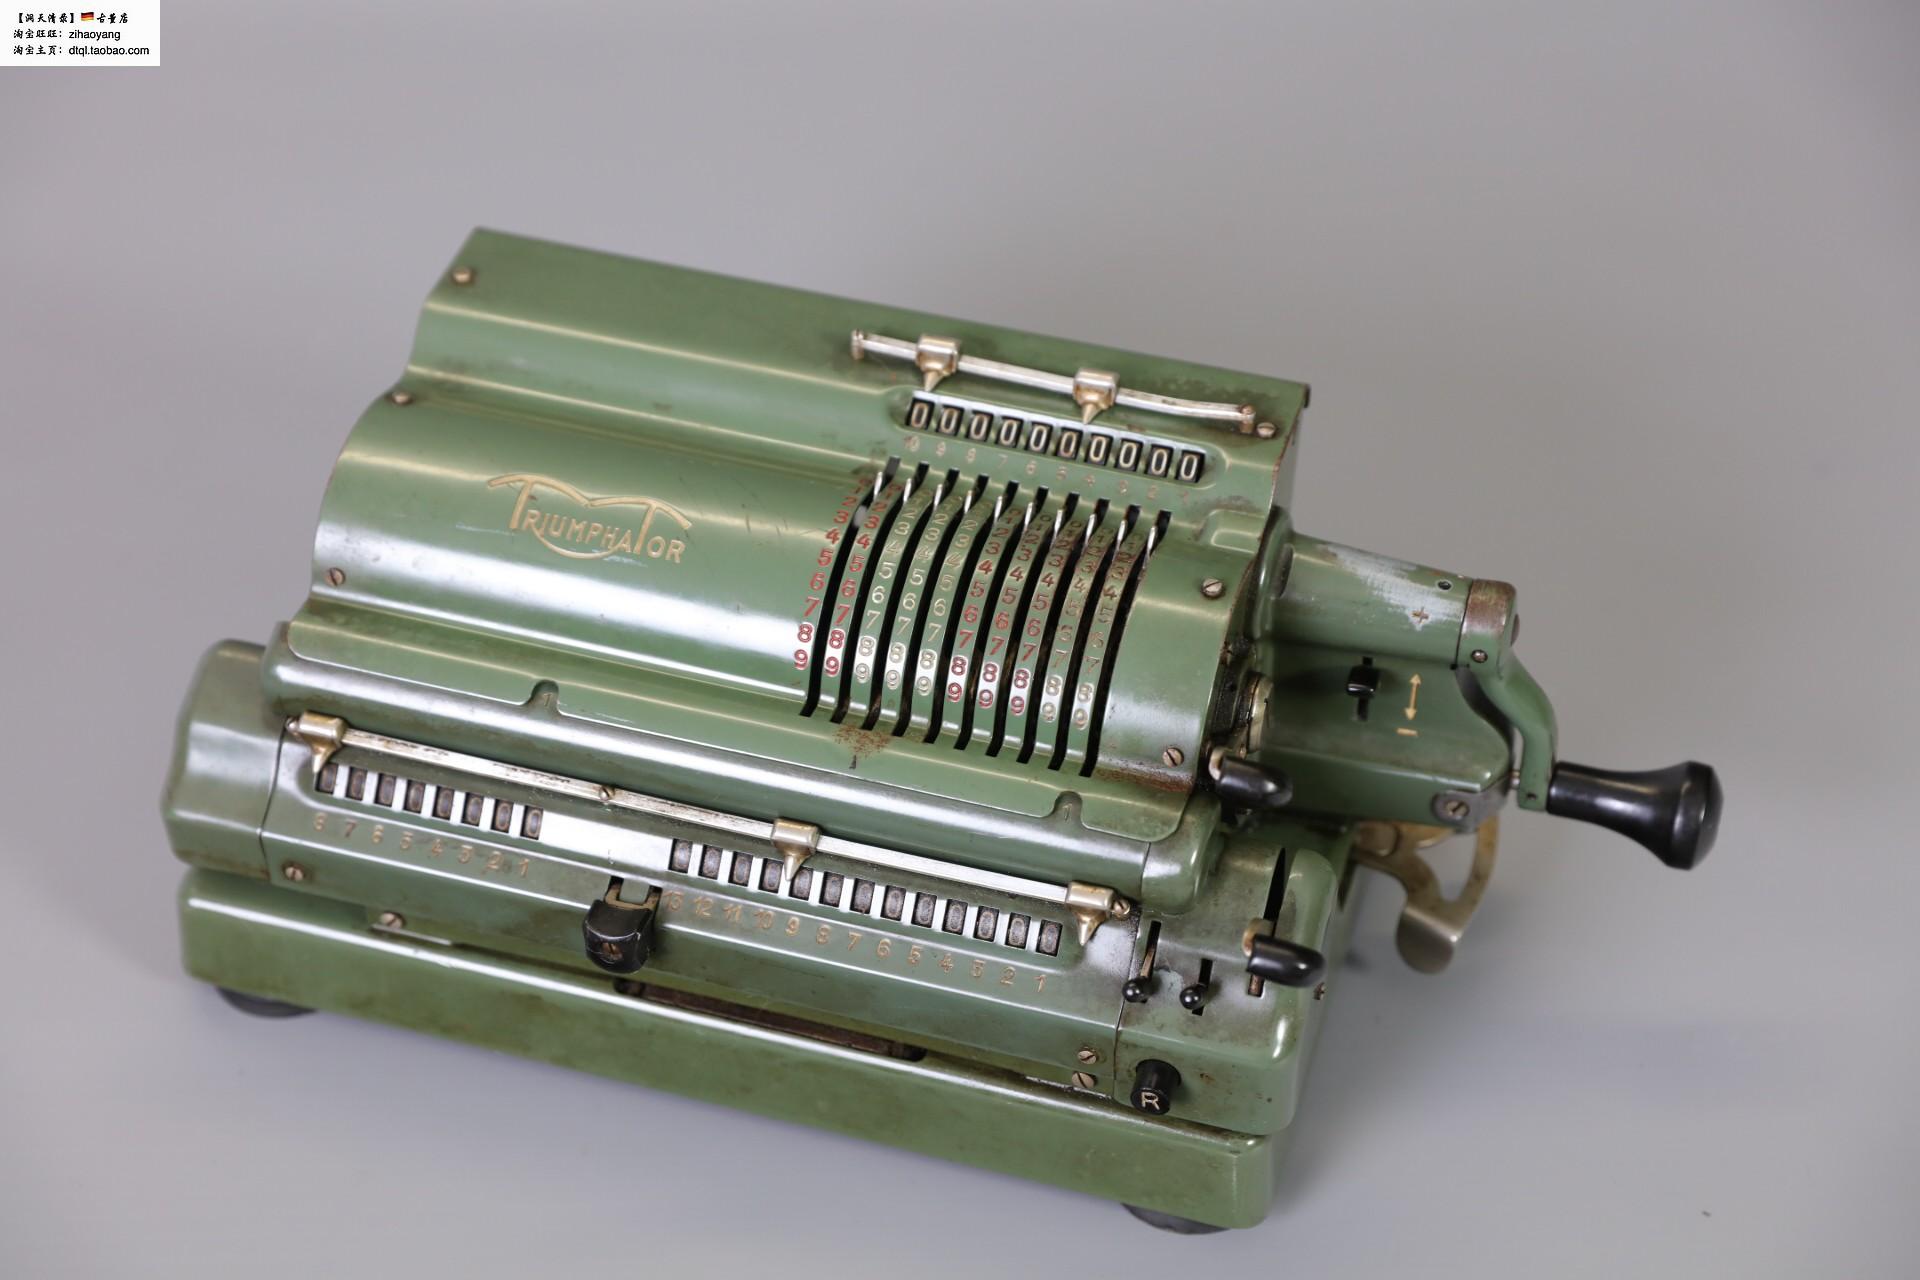 1956年德国Triumphator古董机械计算器 手摇计算器文化收藏